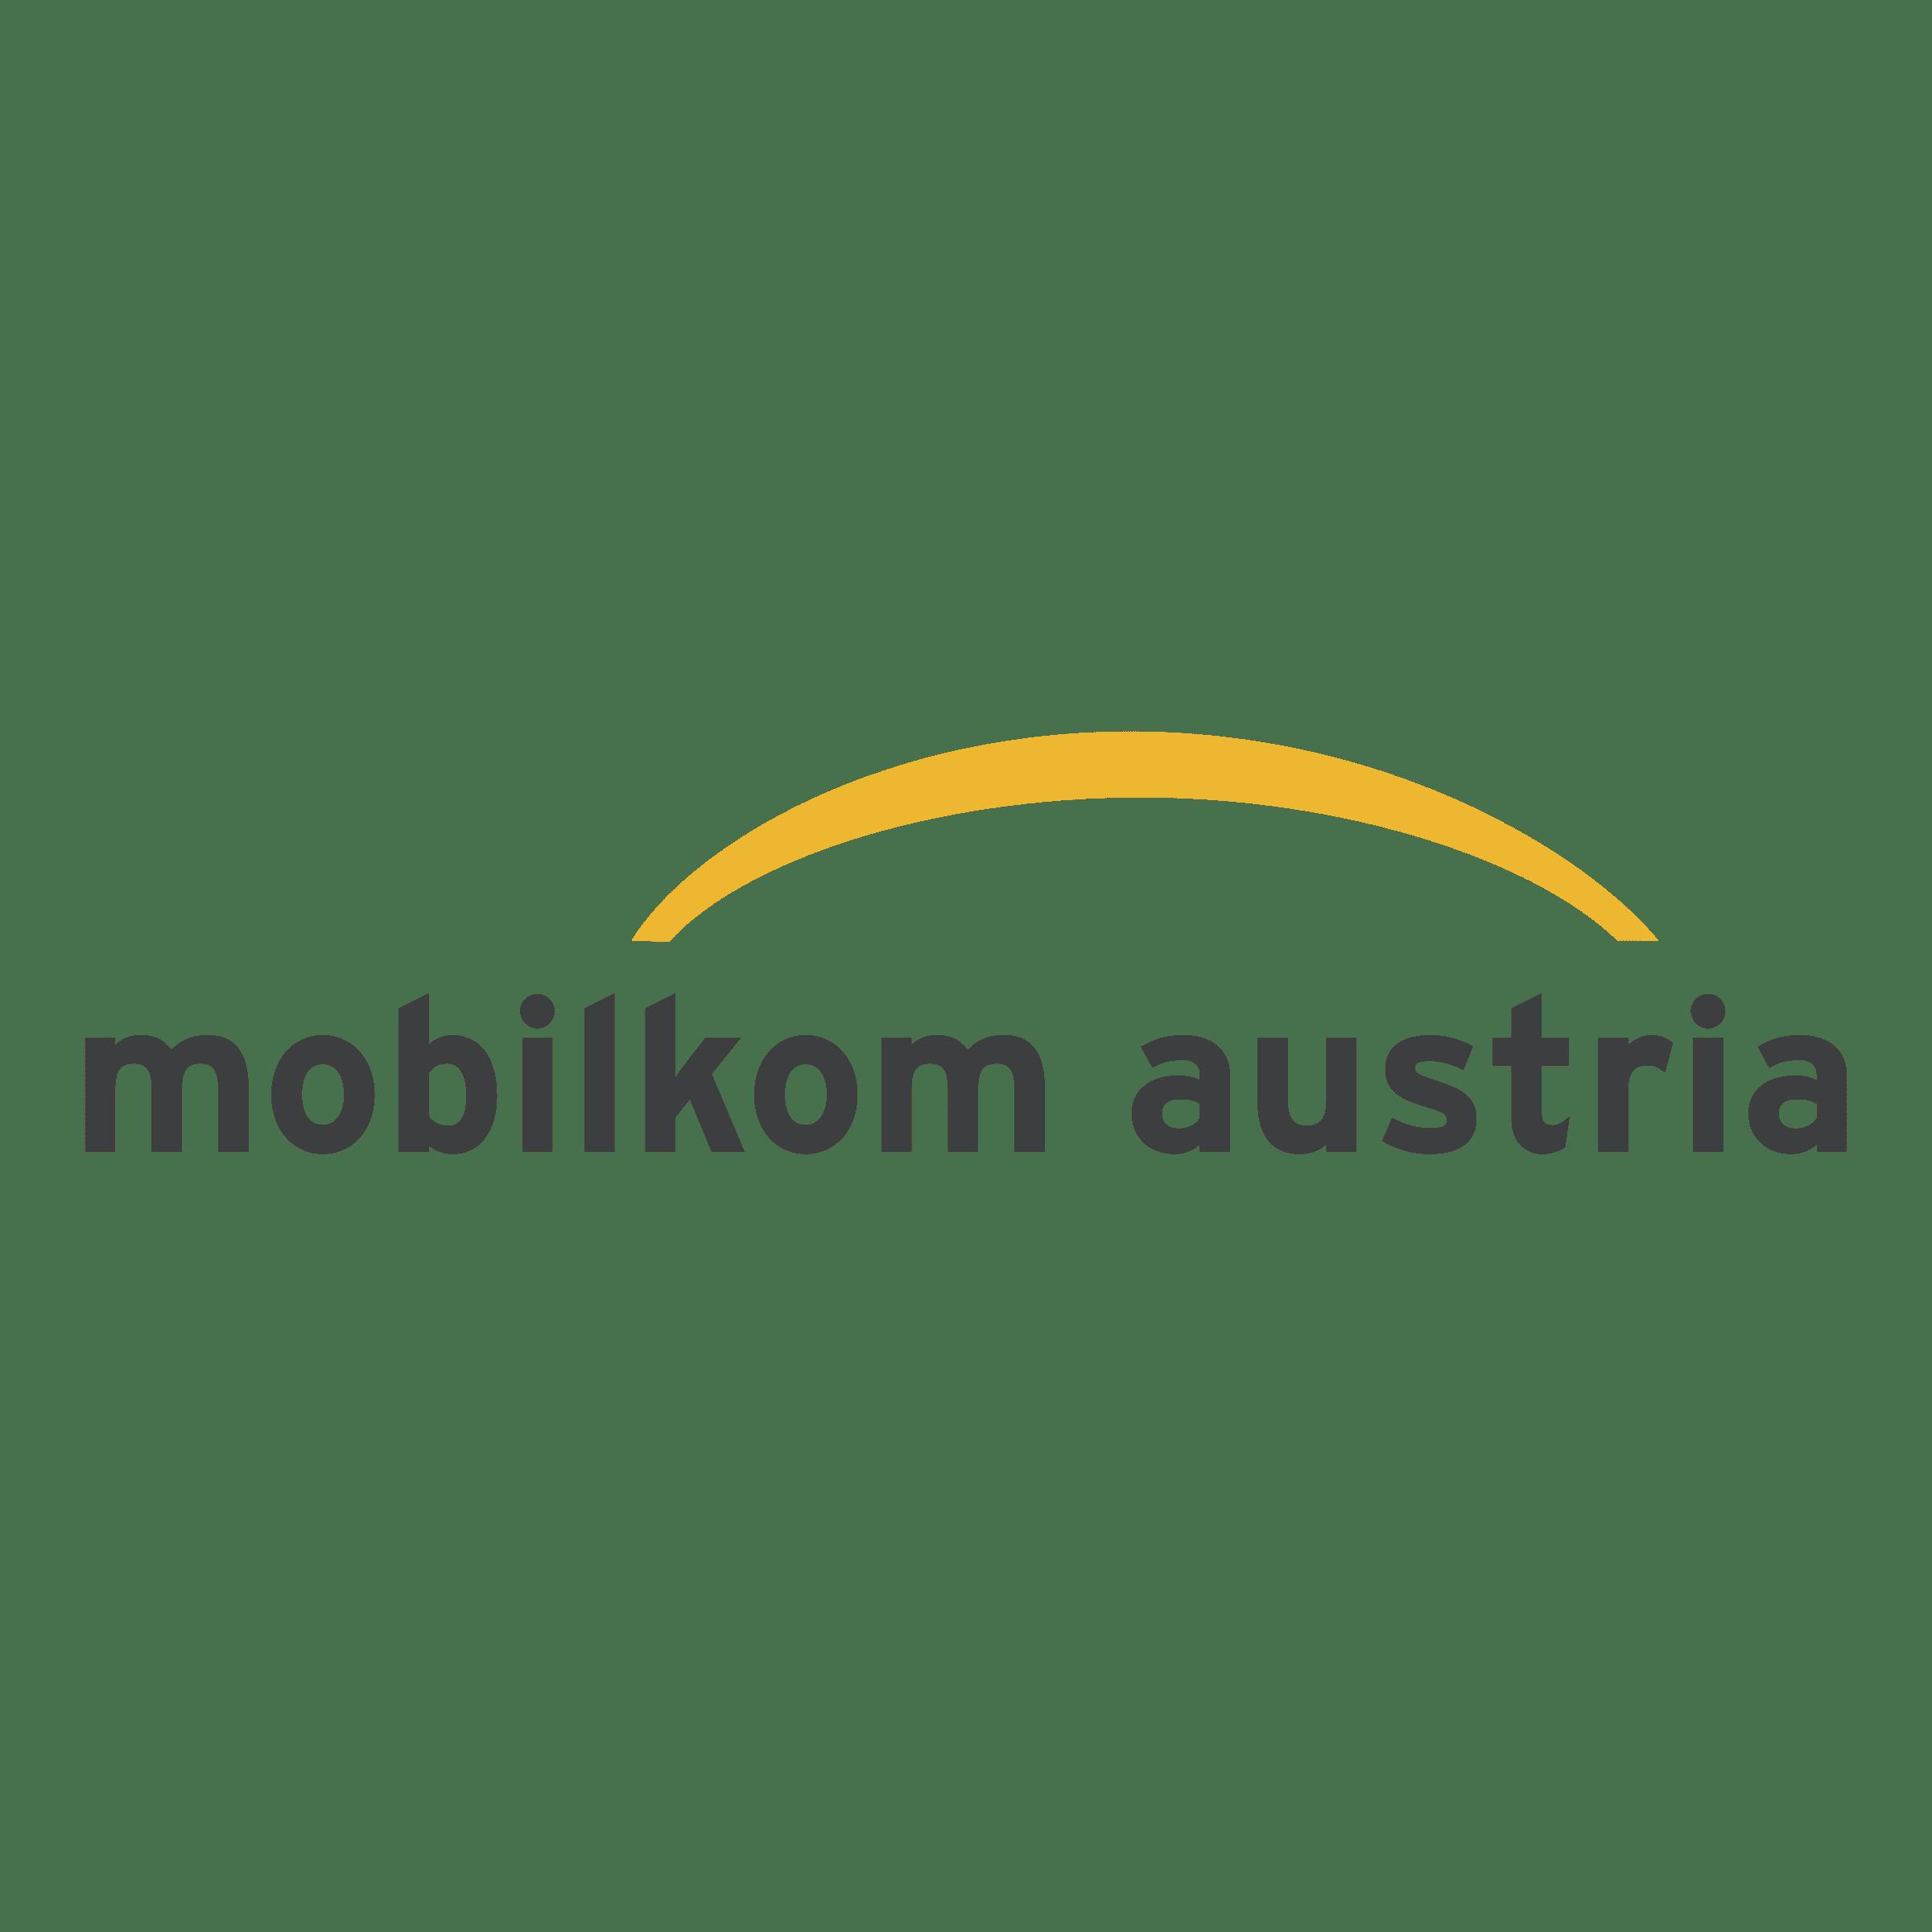 mobilkom-austria-logo-png-transparent